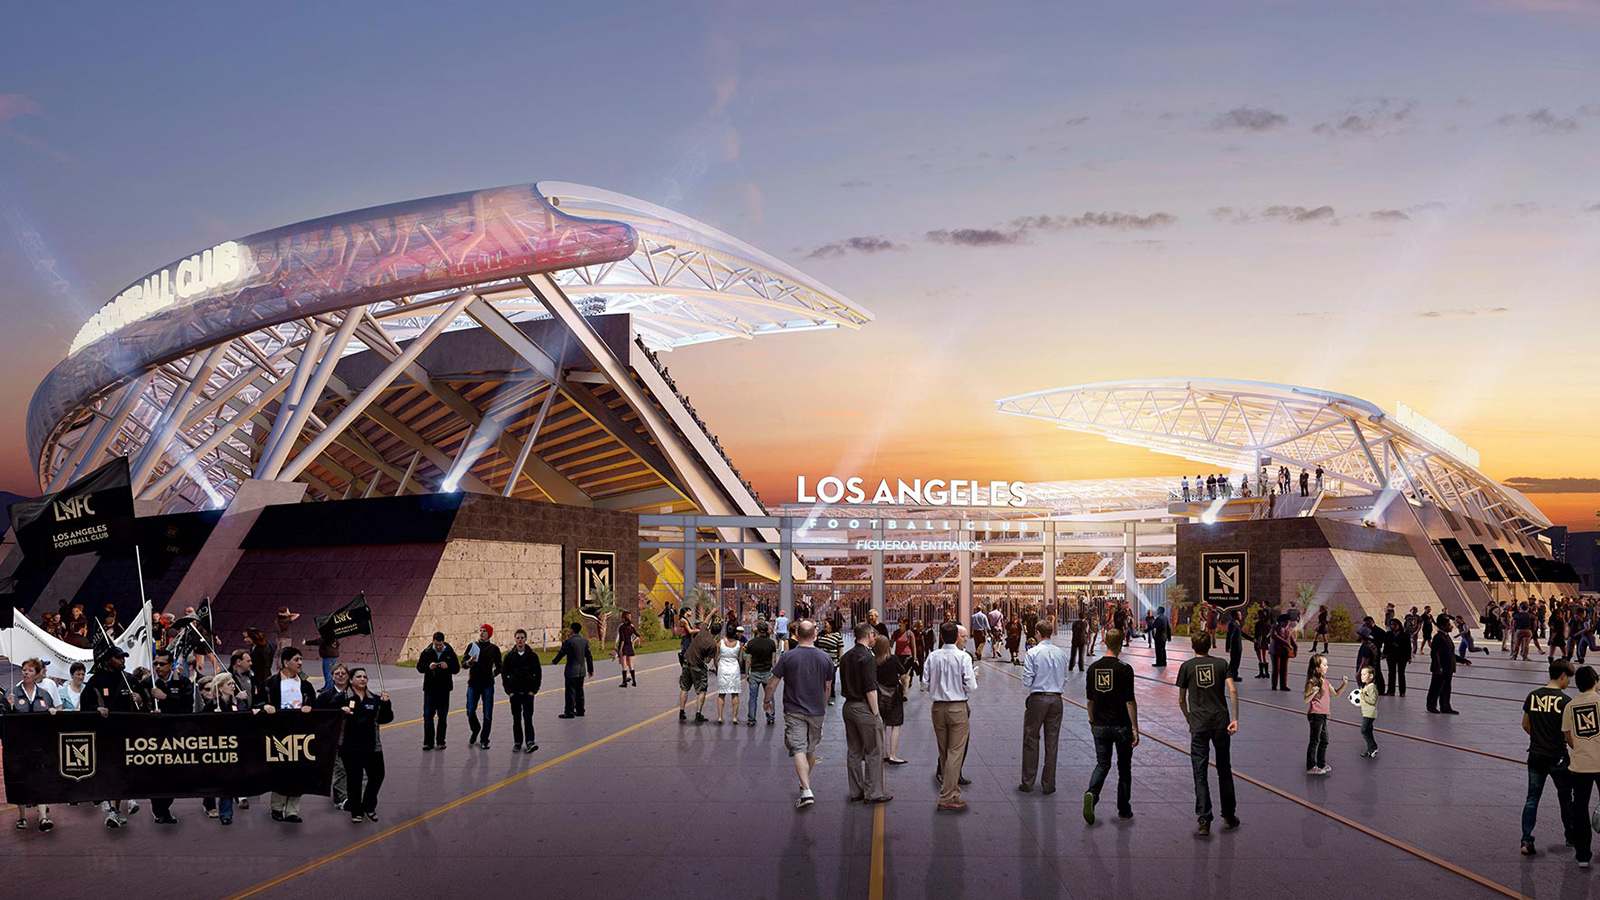 LAFC rendering NE plaza PI